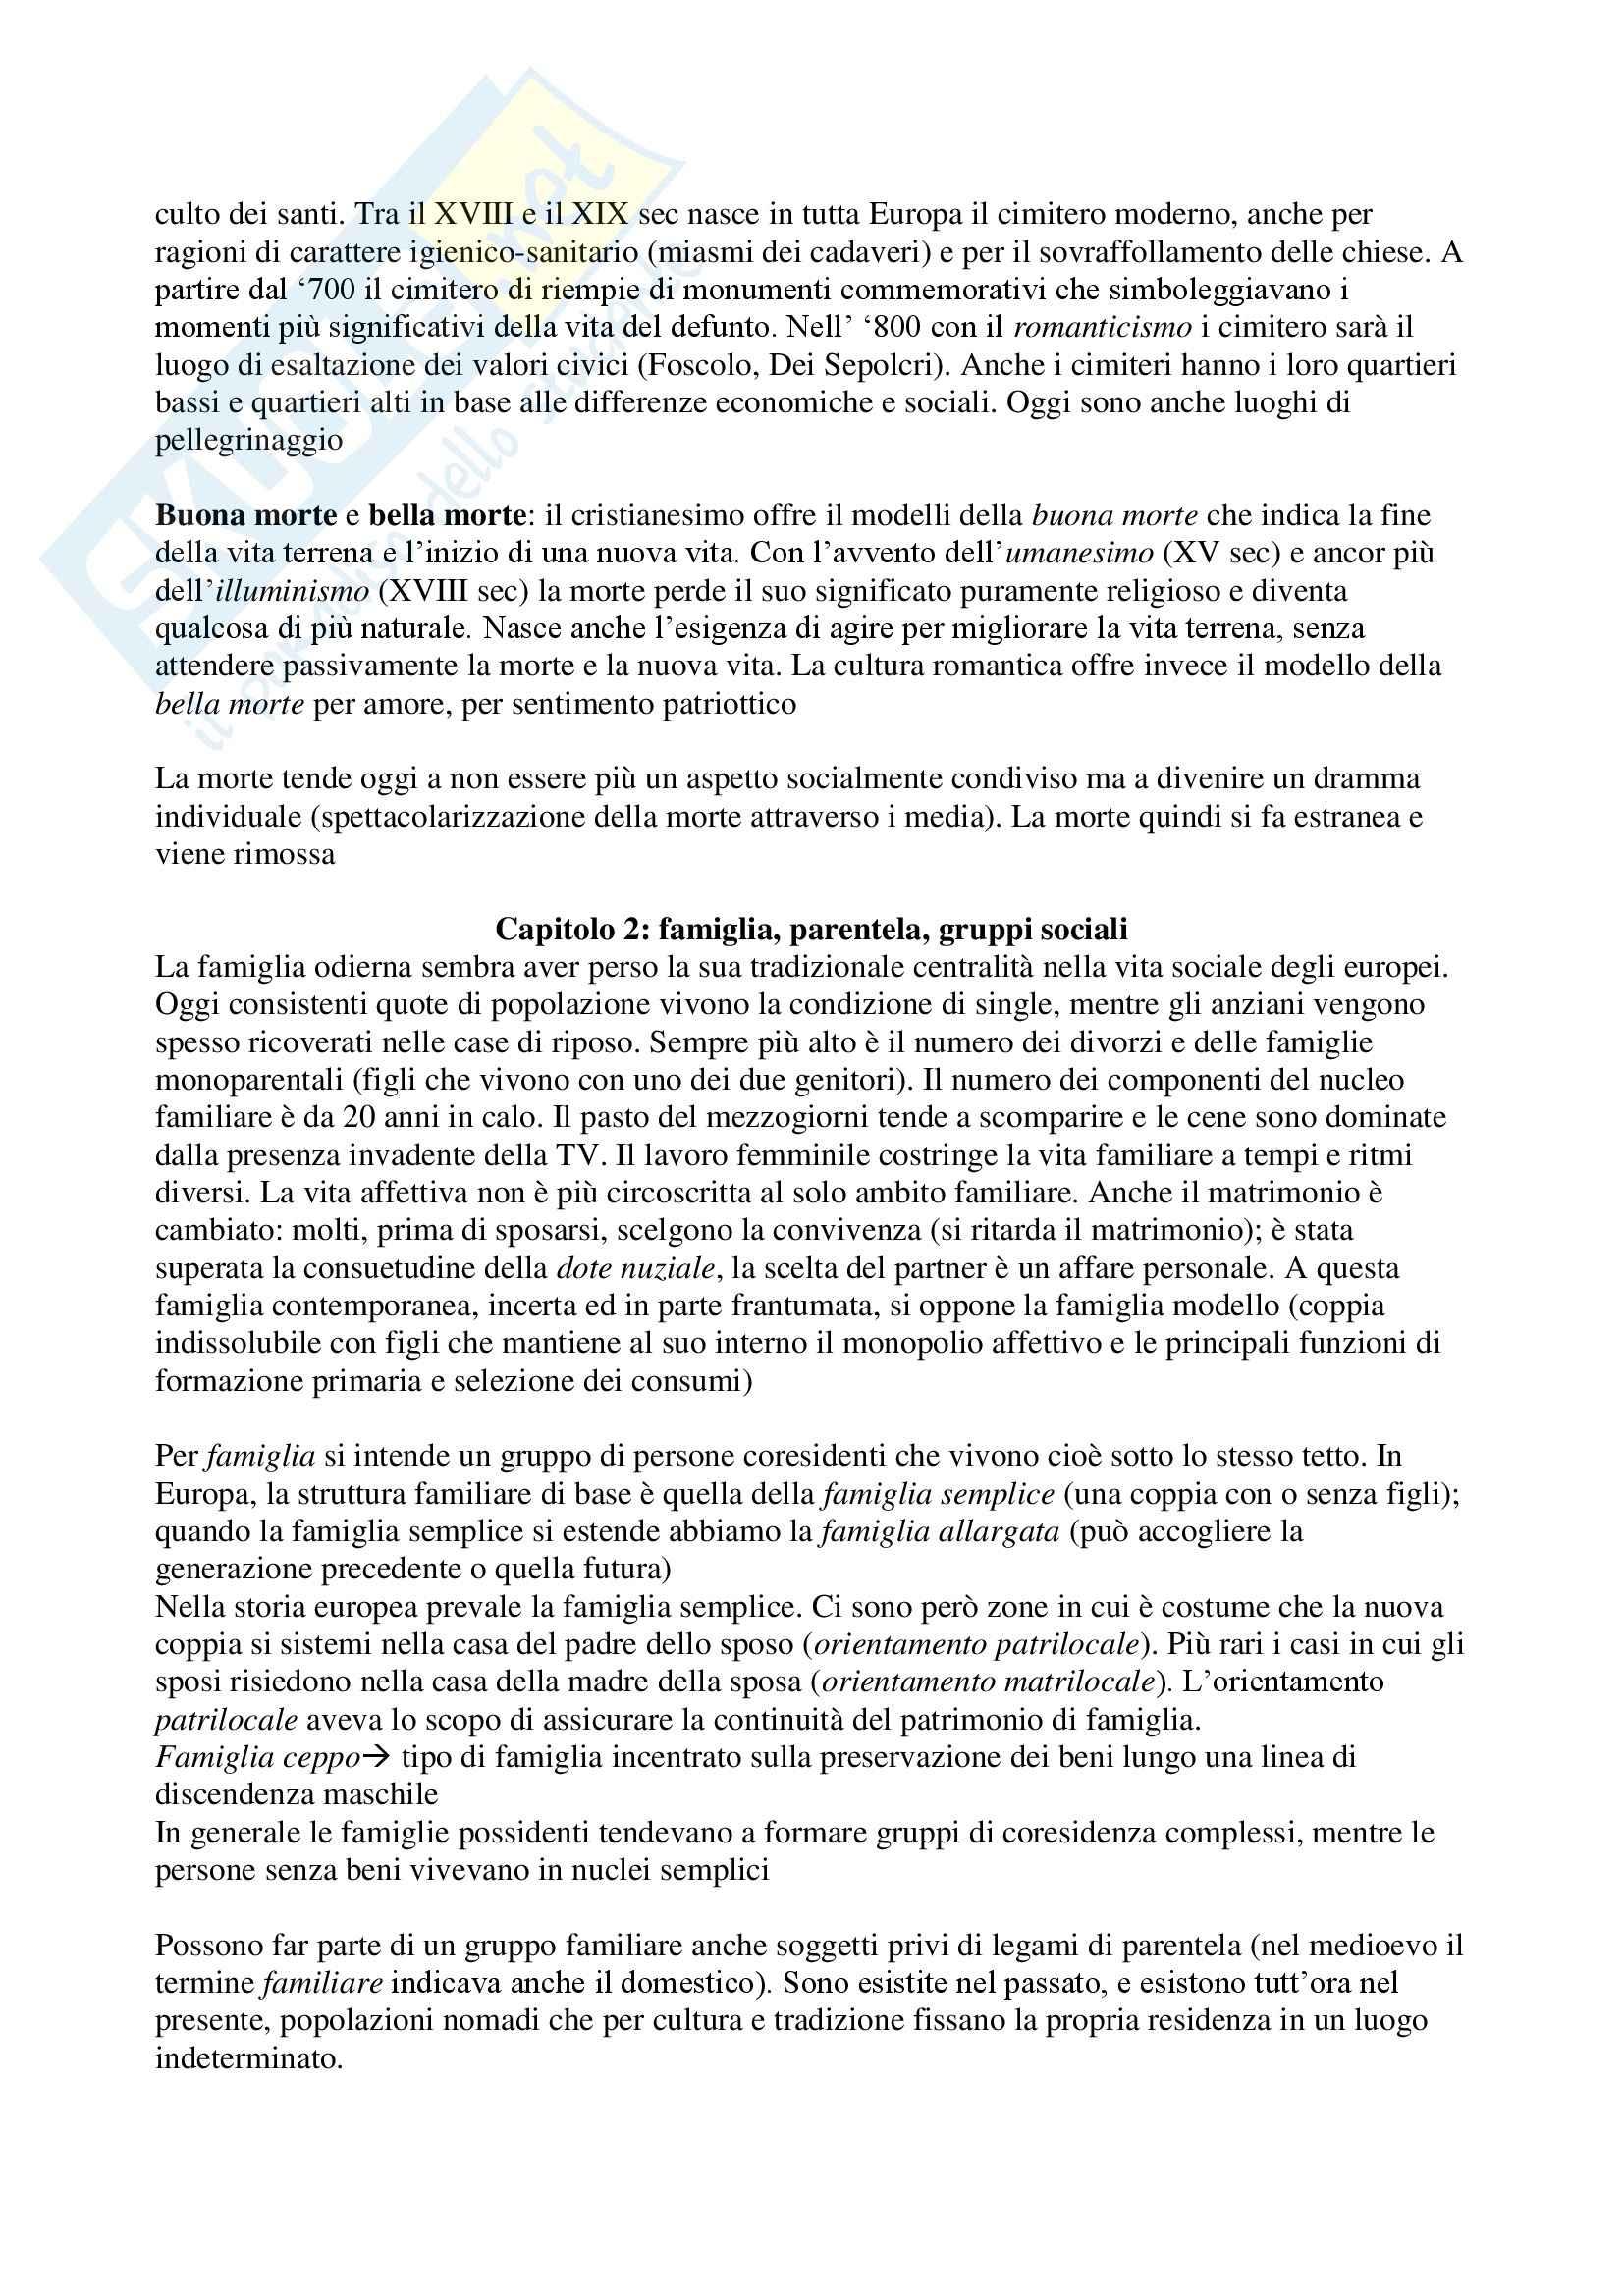 Storia dell'Europa - la Comunità Europea Pag. 2